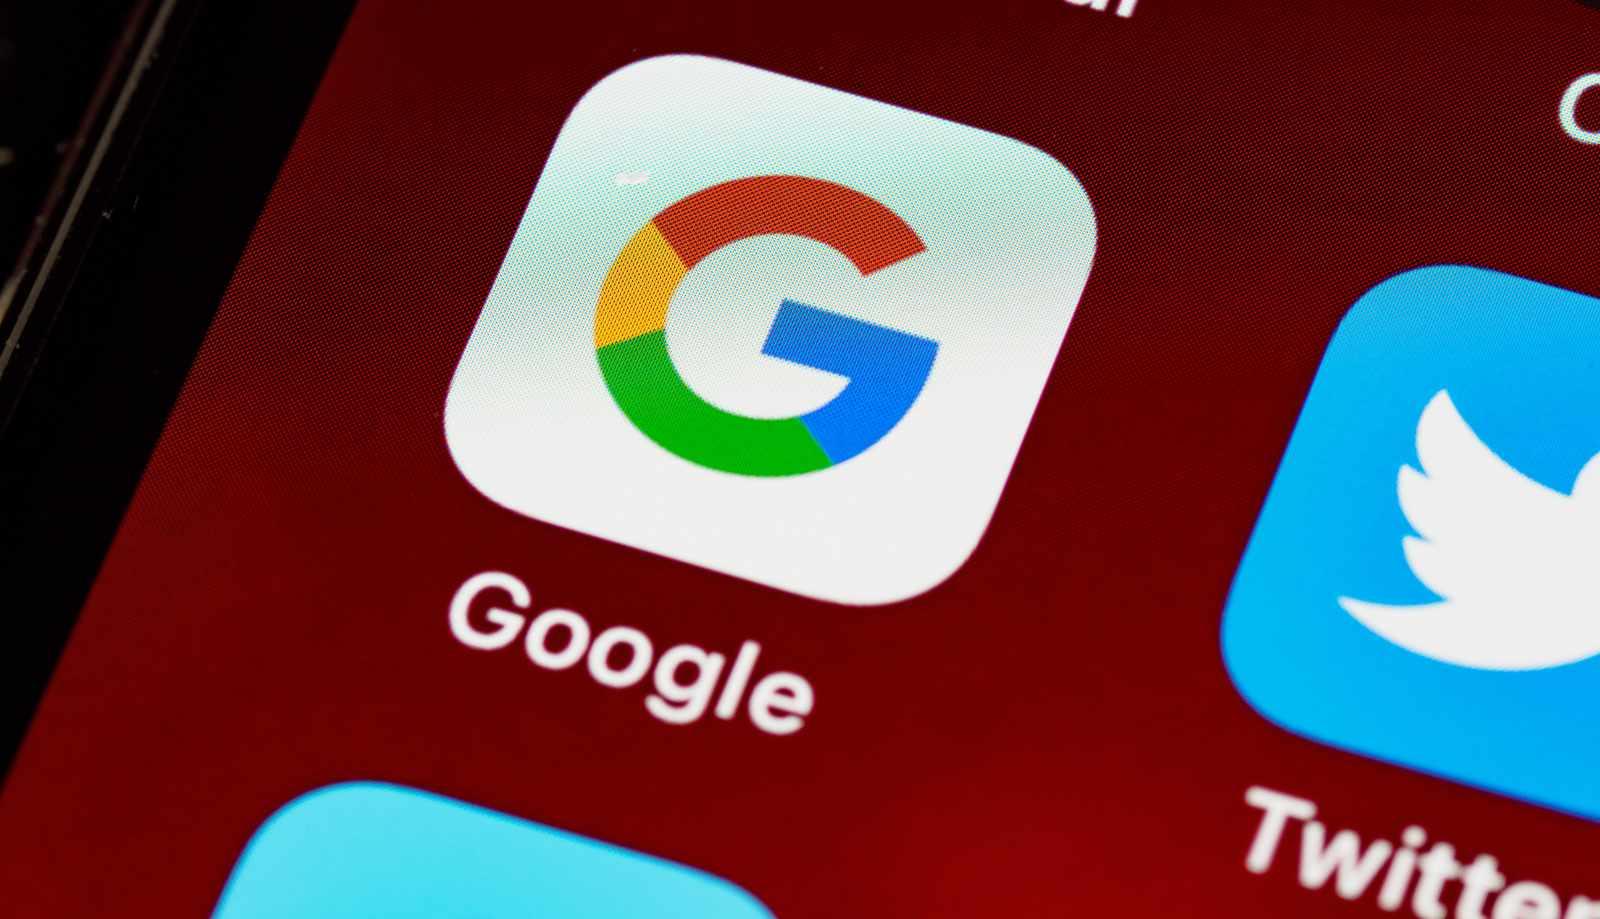 Apples Transparenz- und Tracking-Richtlinien haben Auswirkungen auf Google-Werbeanzeigen in iOS-14-Apps